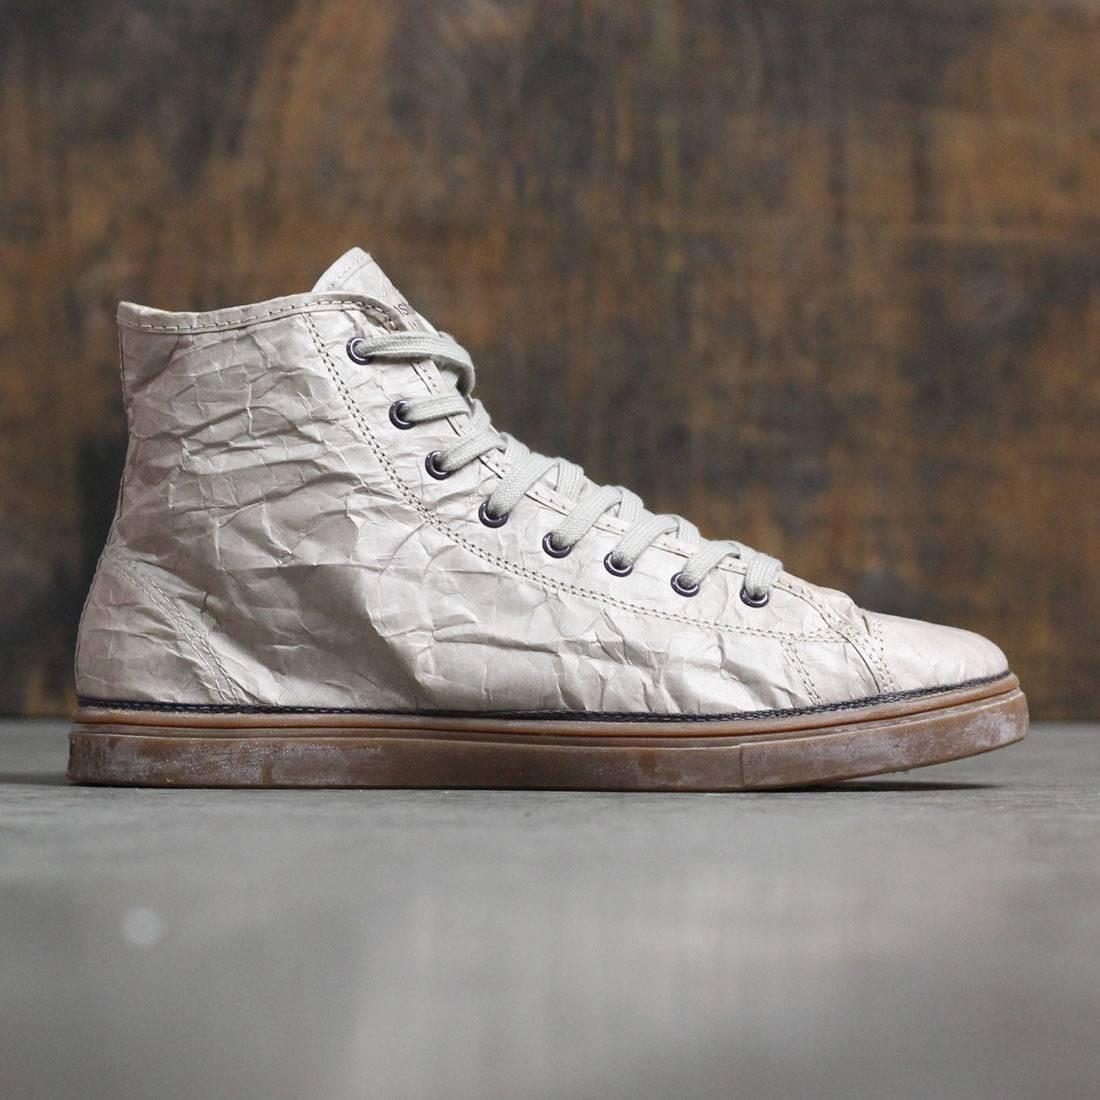 【海外限定】ミッド 茶 ブラウン メンズ靴 靴 【 BROWN UNSTITCHED UTILITIES NEXT DAY MID LT DARK 】